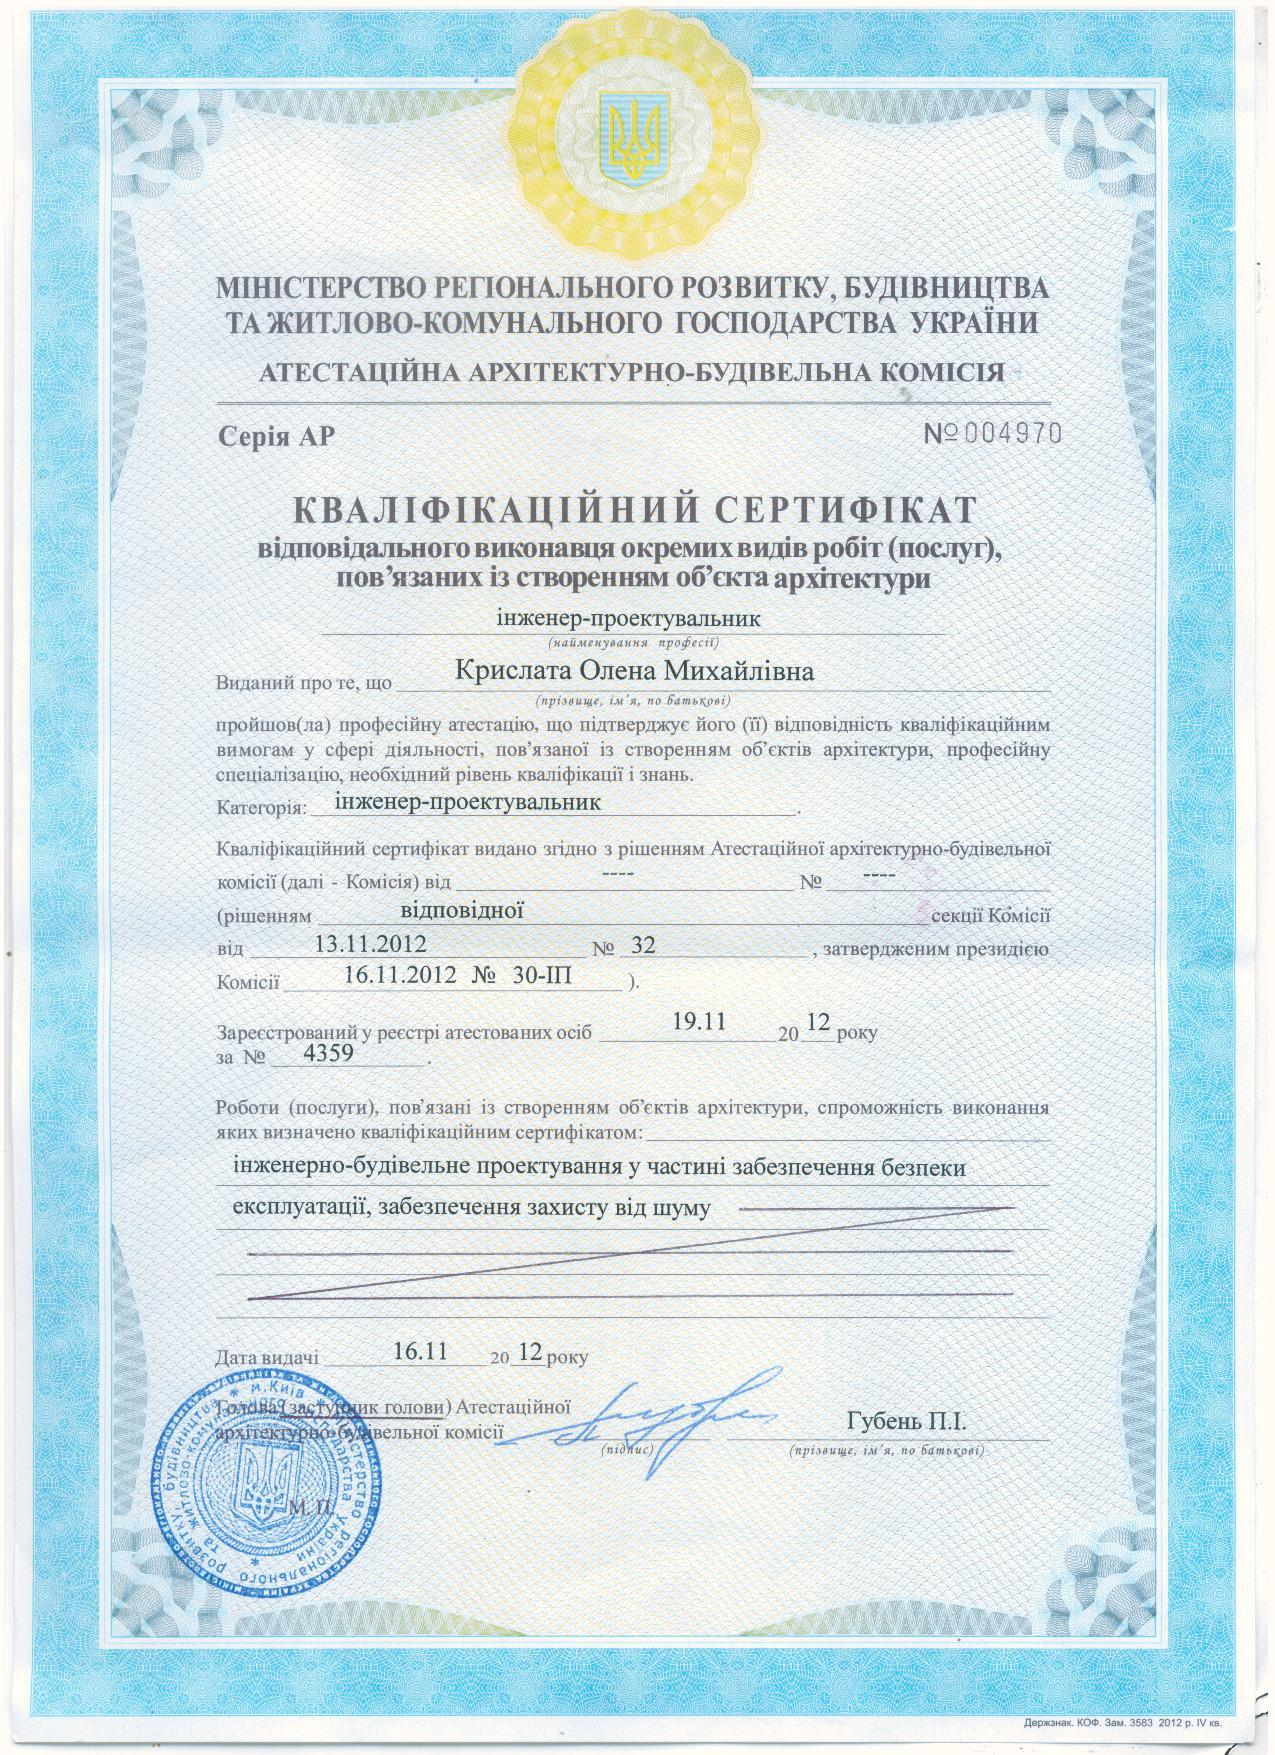 сертификат инженера -проектировщика Крис